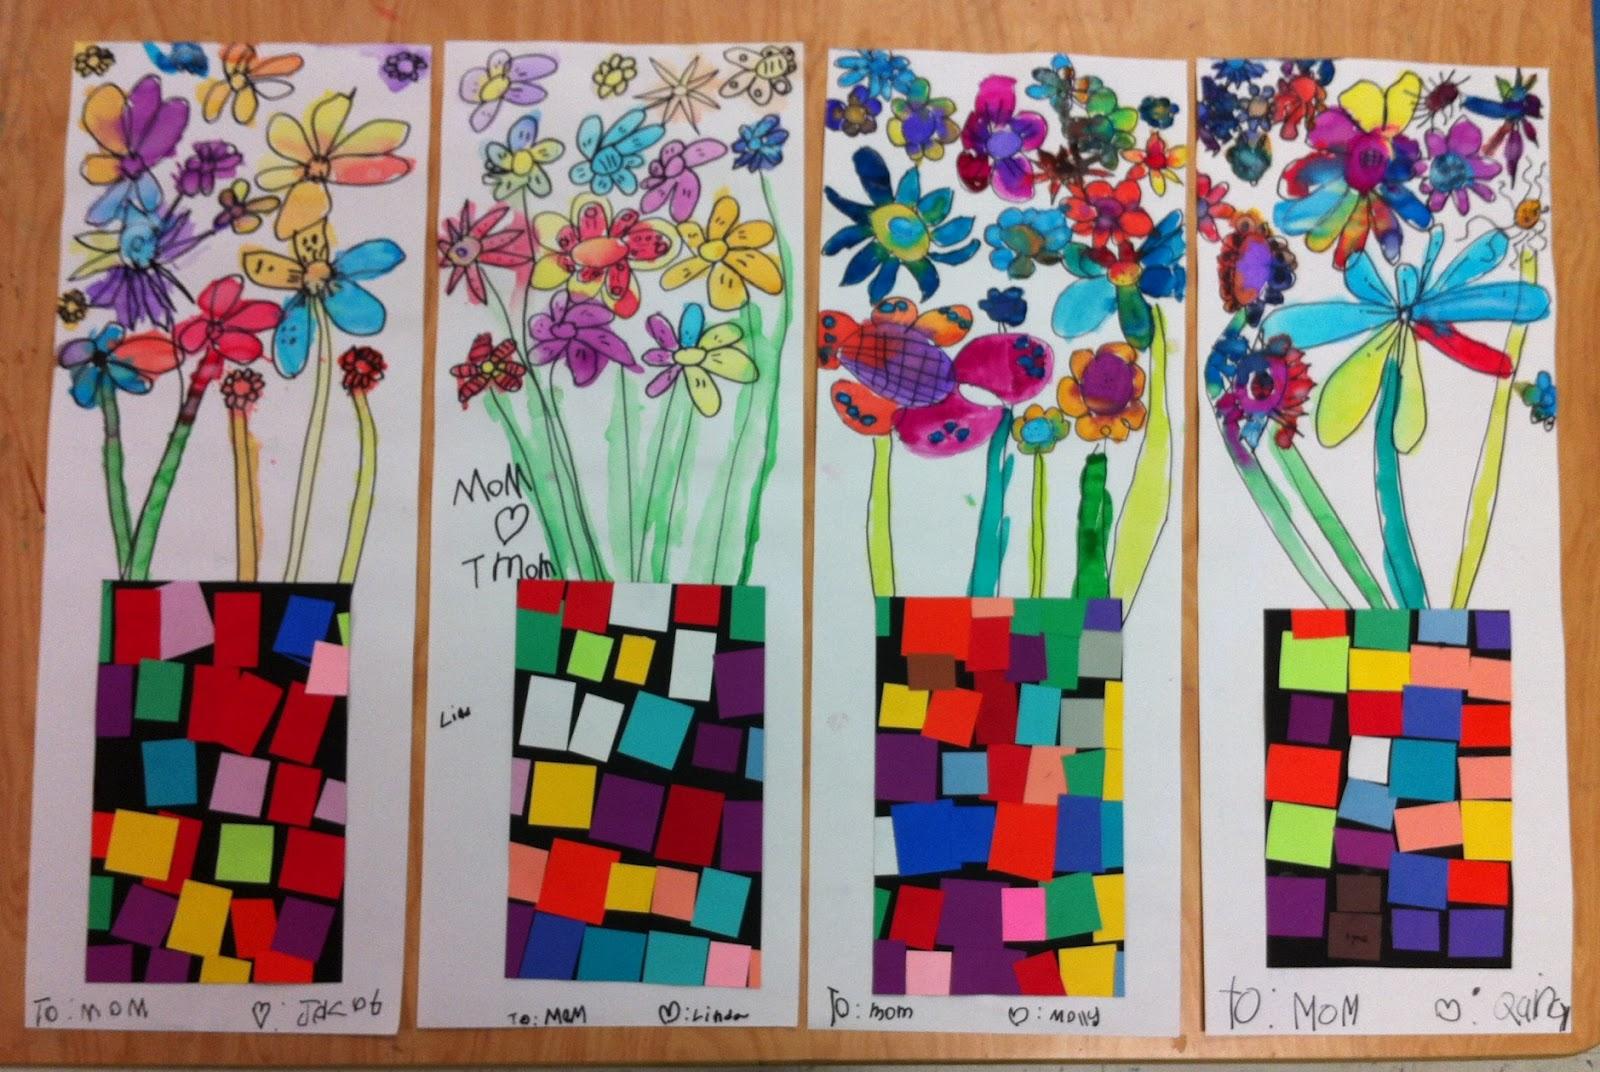 Apex Elementary Art: for mom